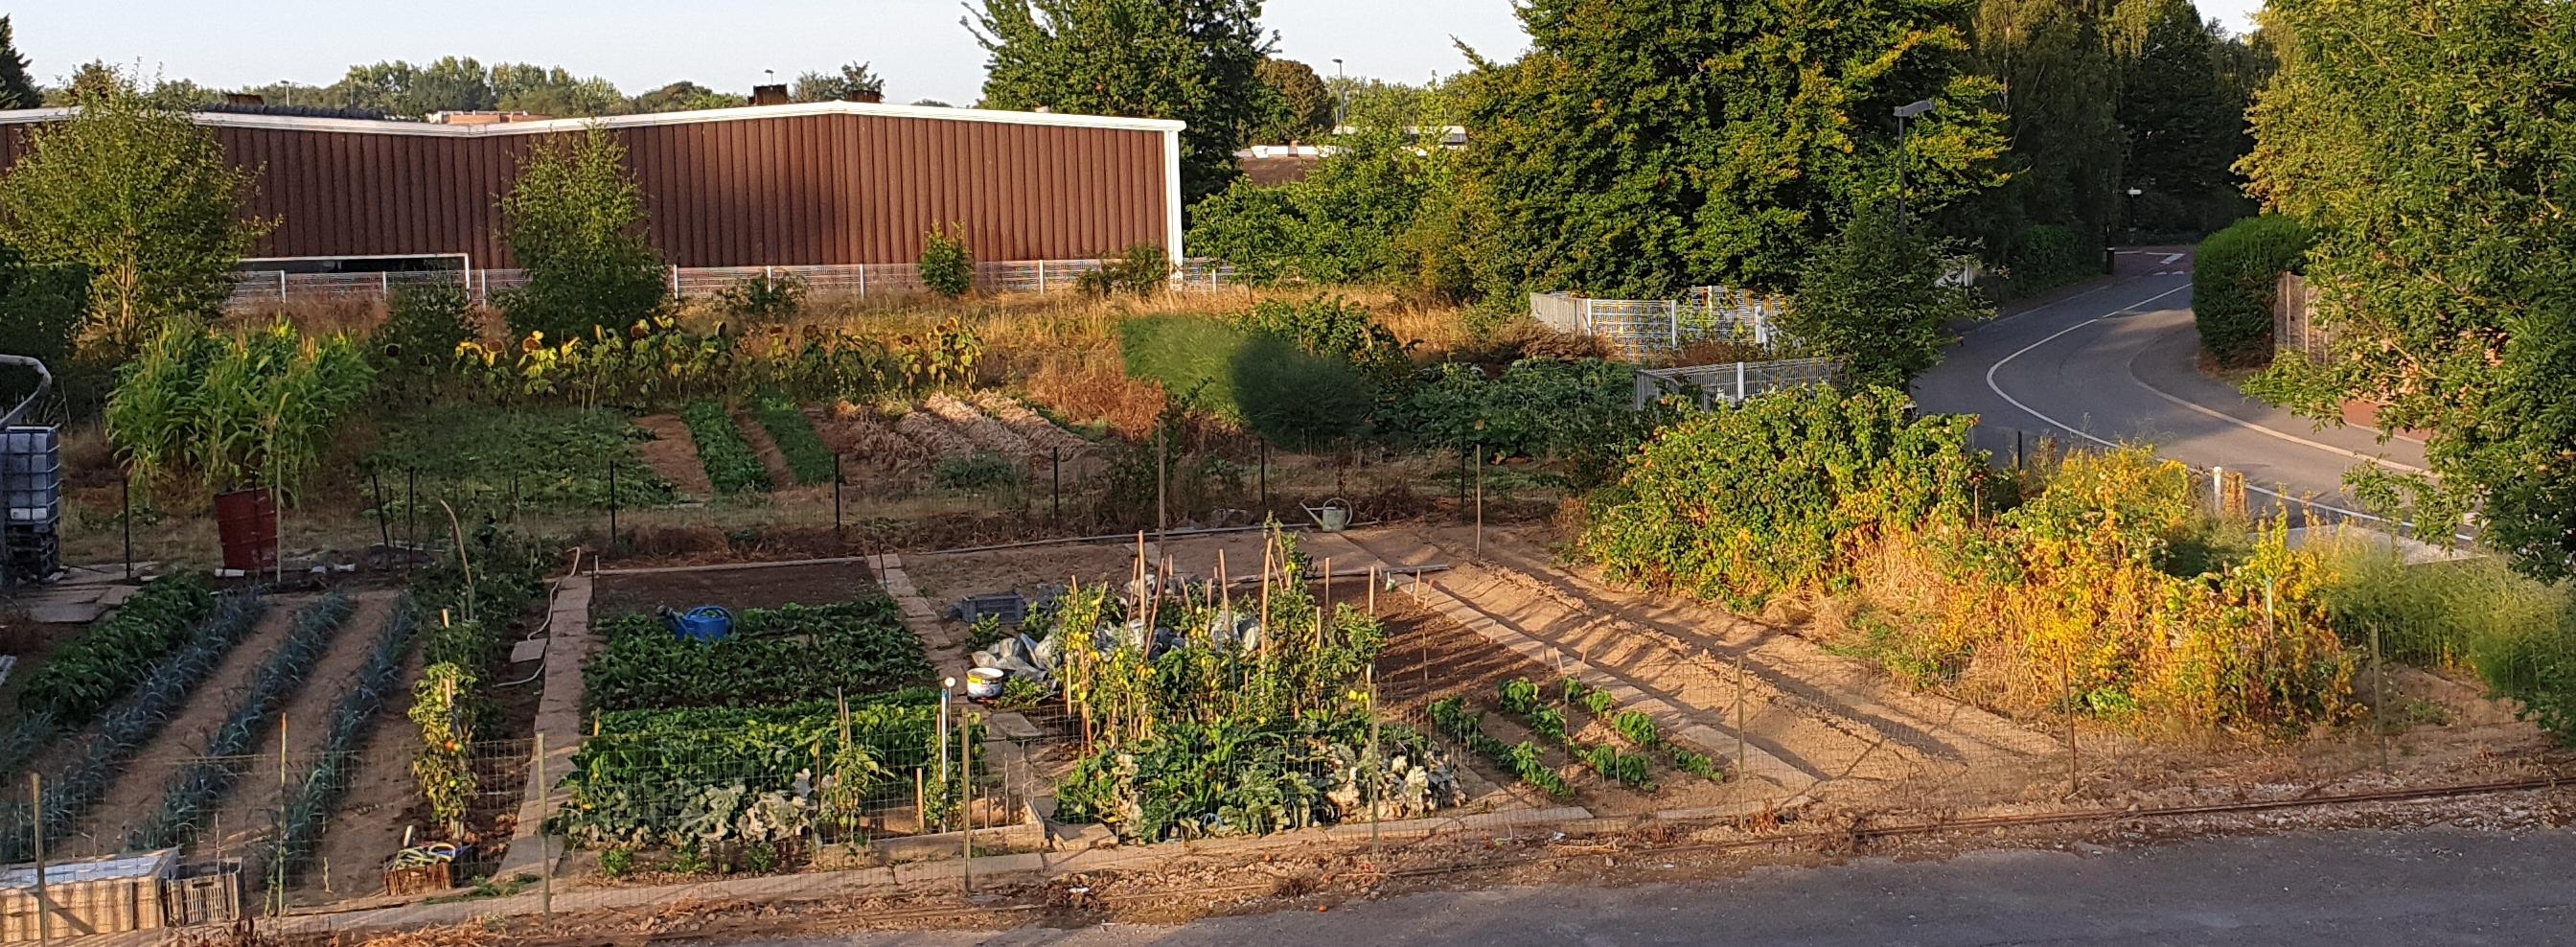 Un projet de remplacement de ce jardin nourricier par des bureaux est en cours